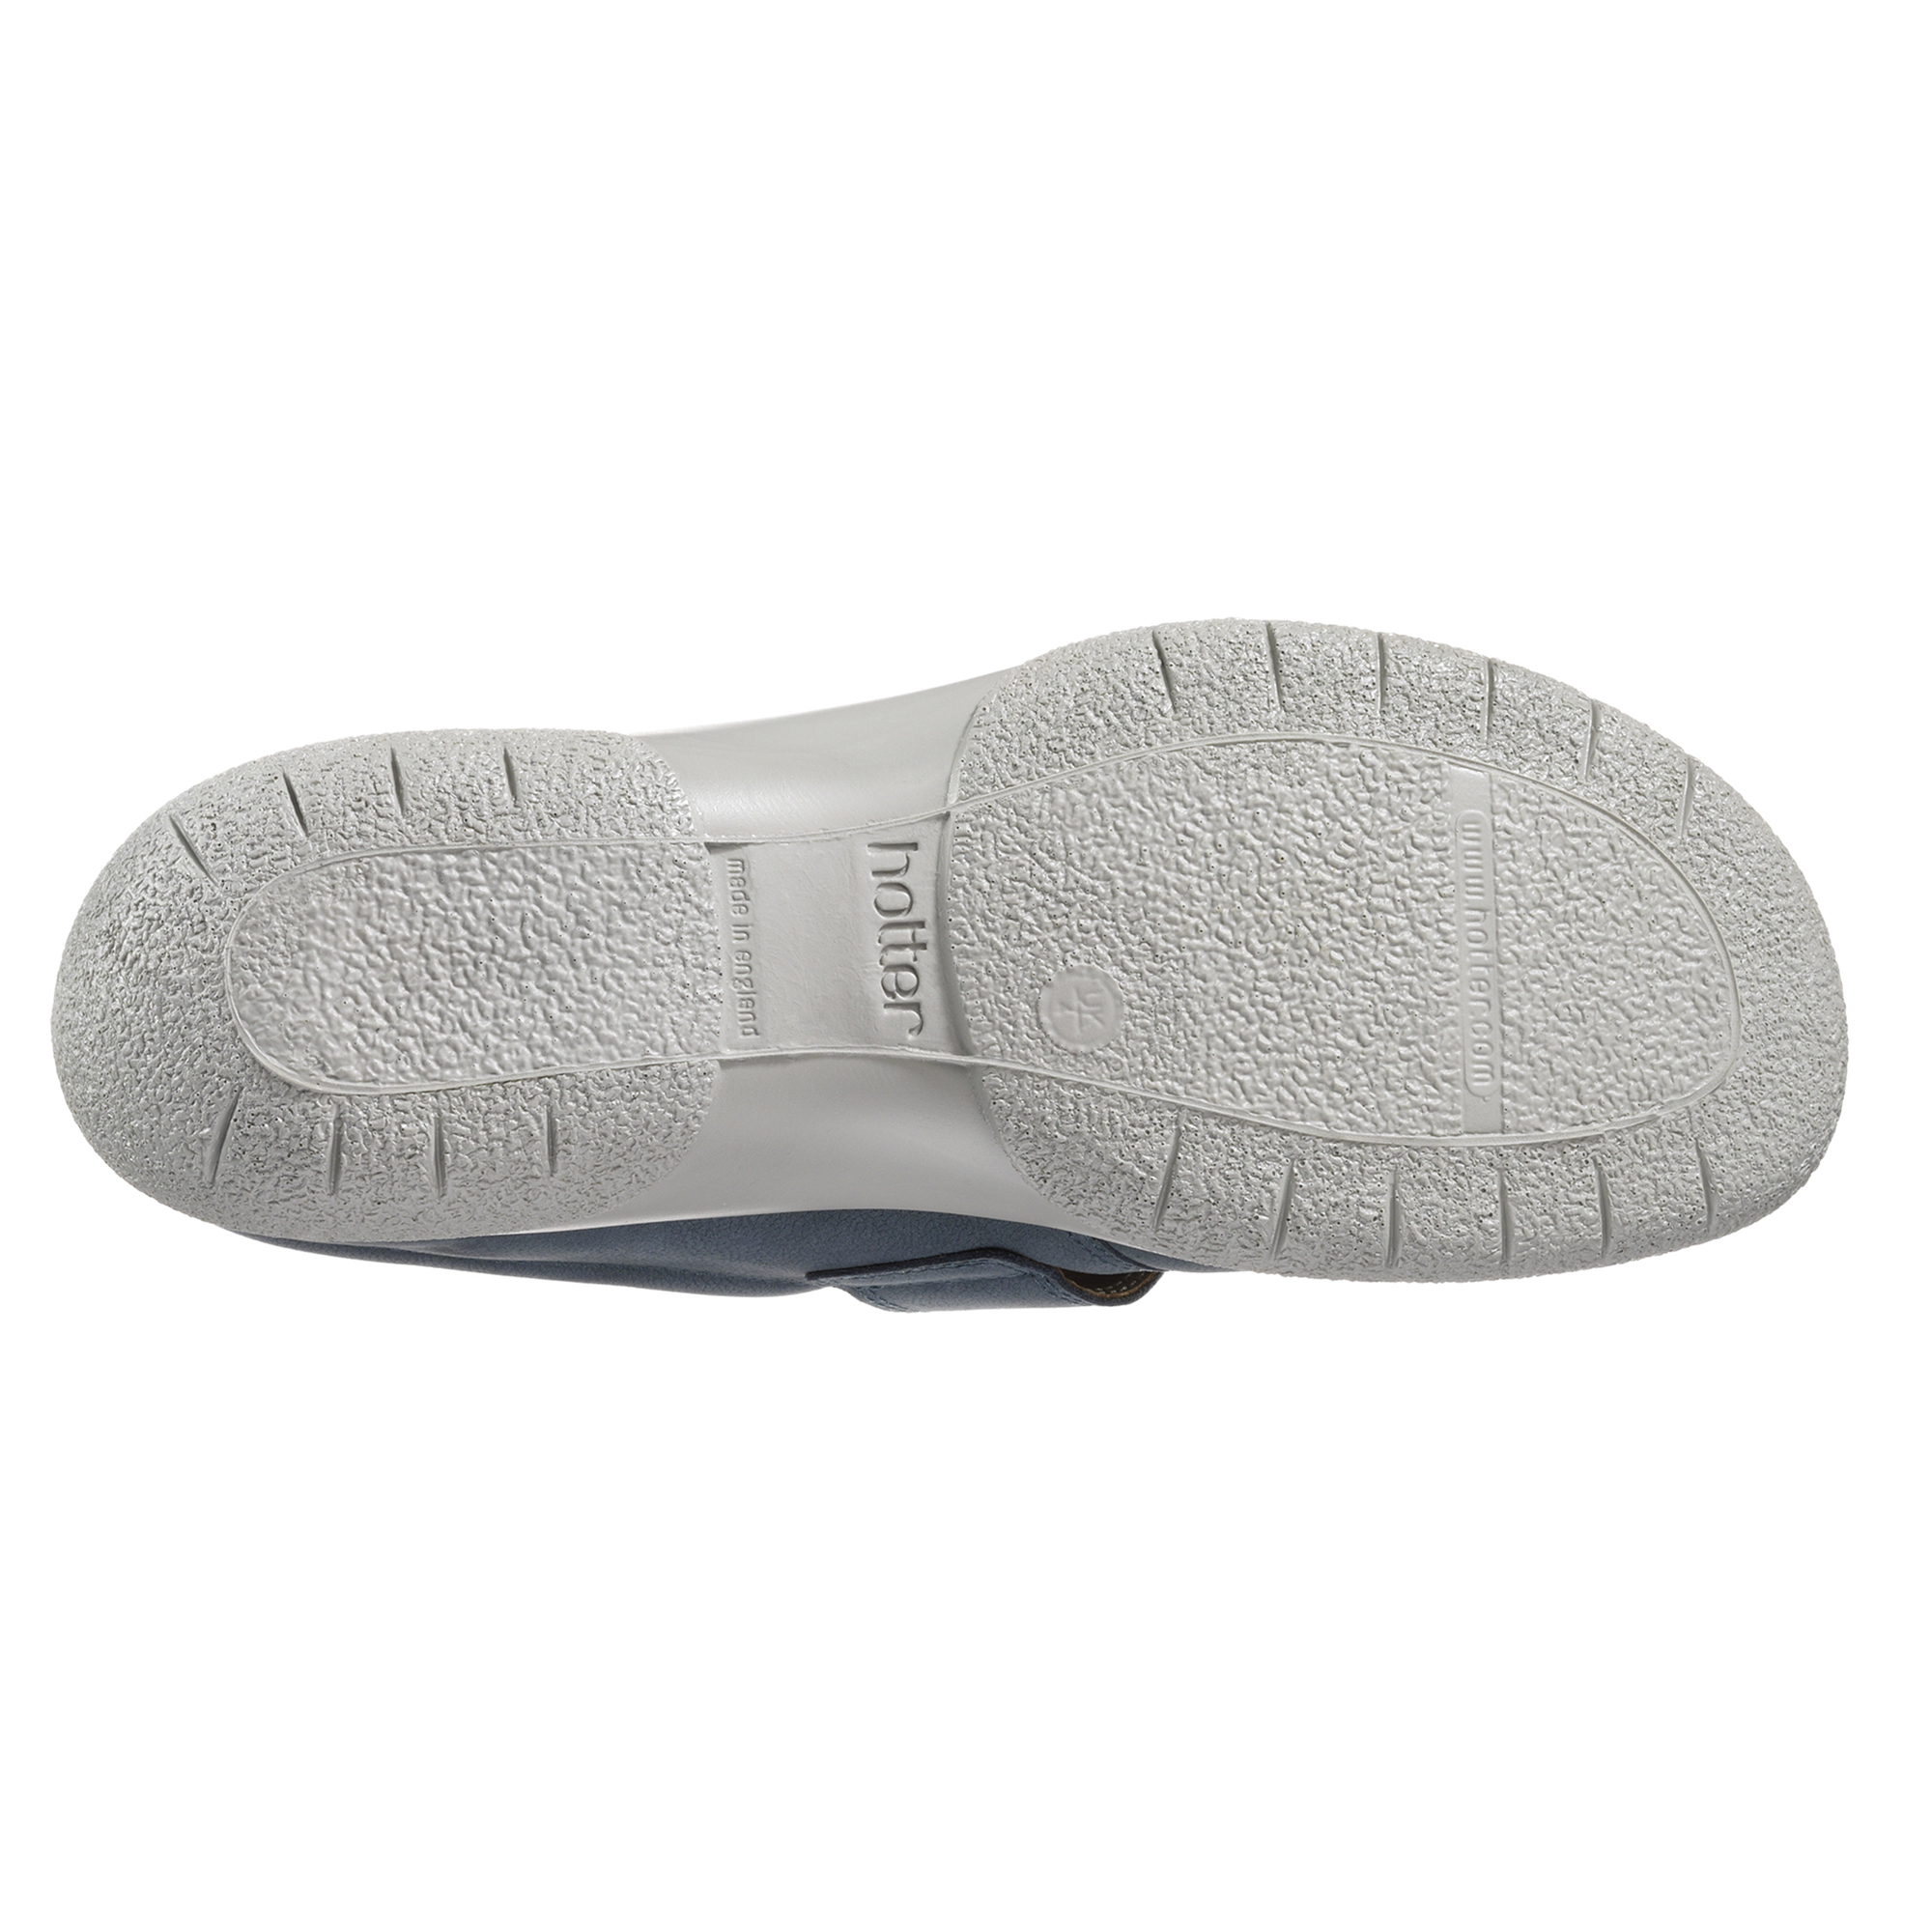 Hotter-Mujer-Sugar-Senoras-Casual-Zapatos-Calzado-Zapatillas-Cuero-Textil